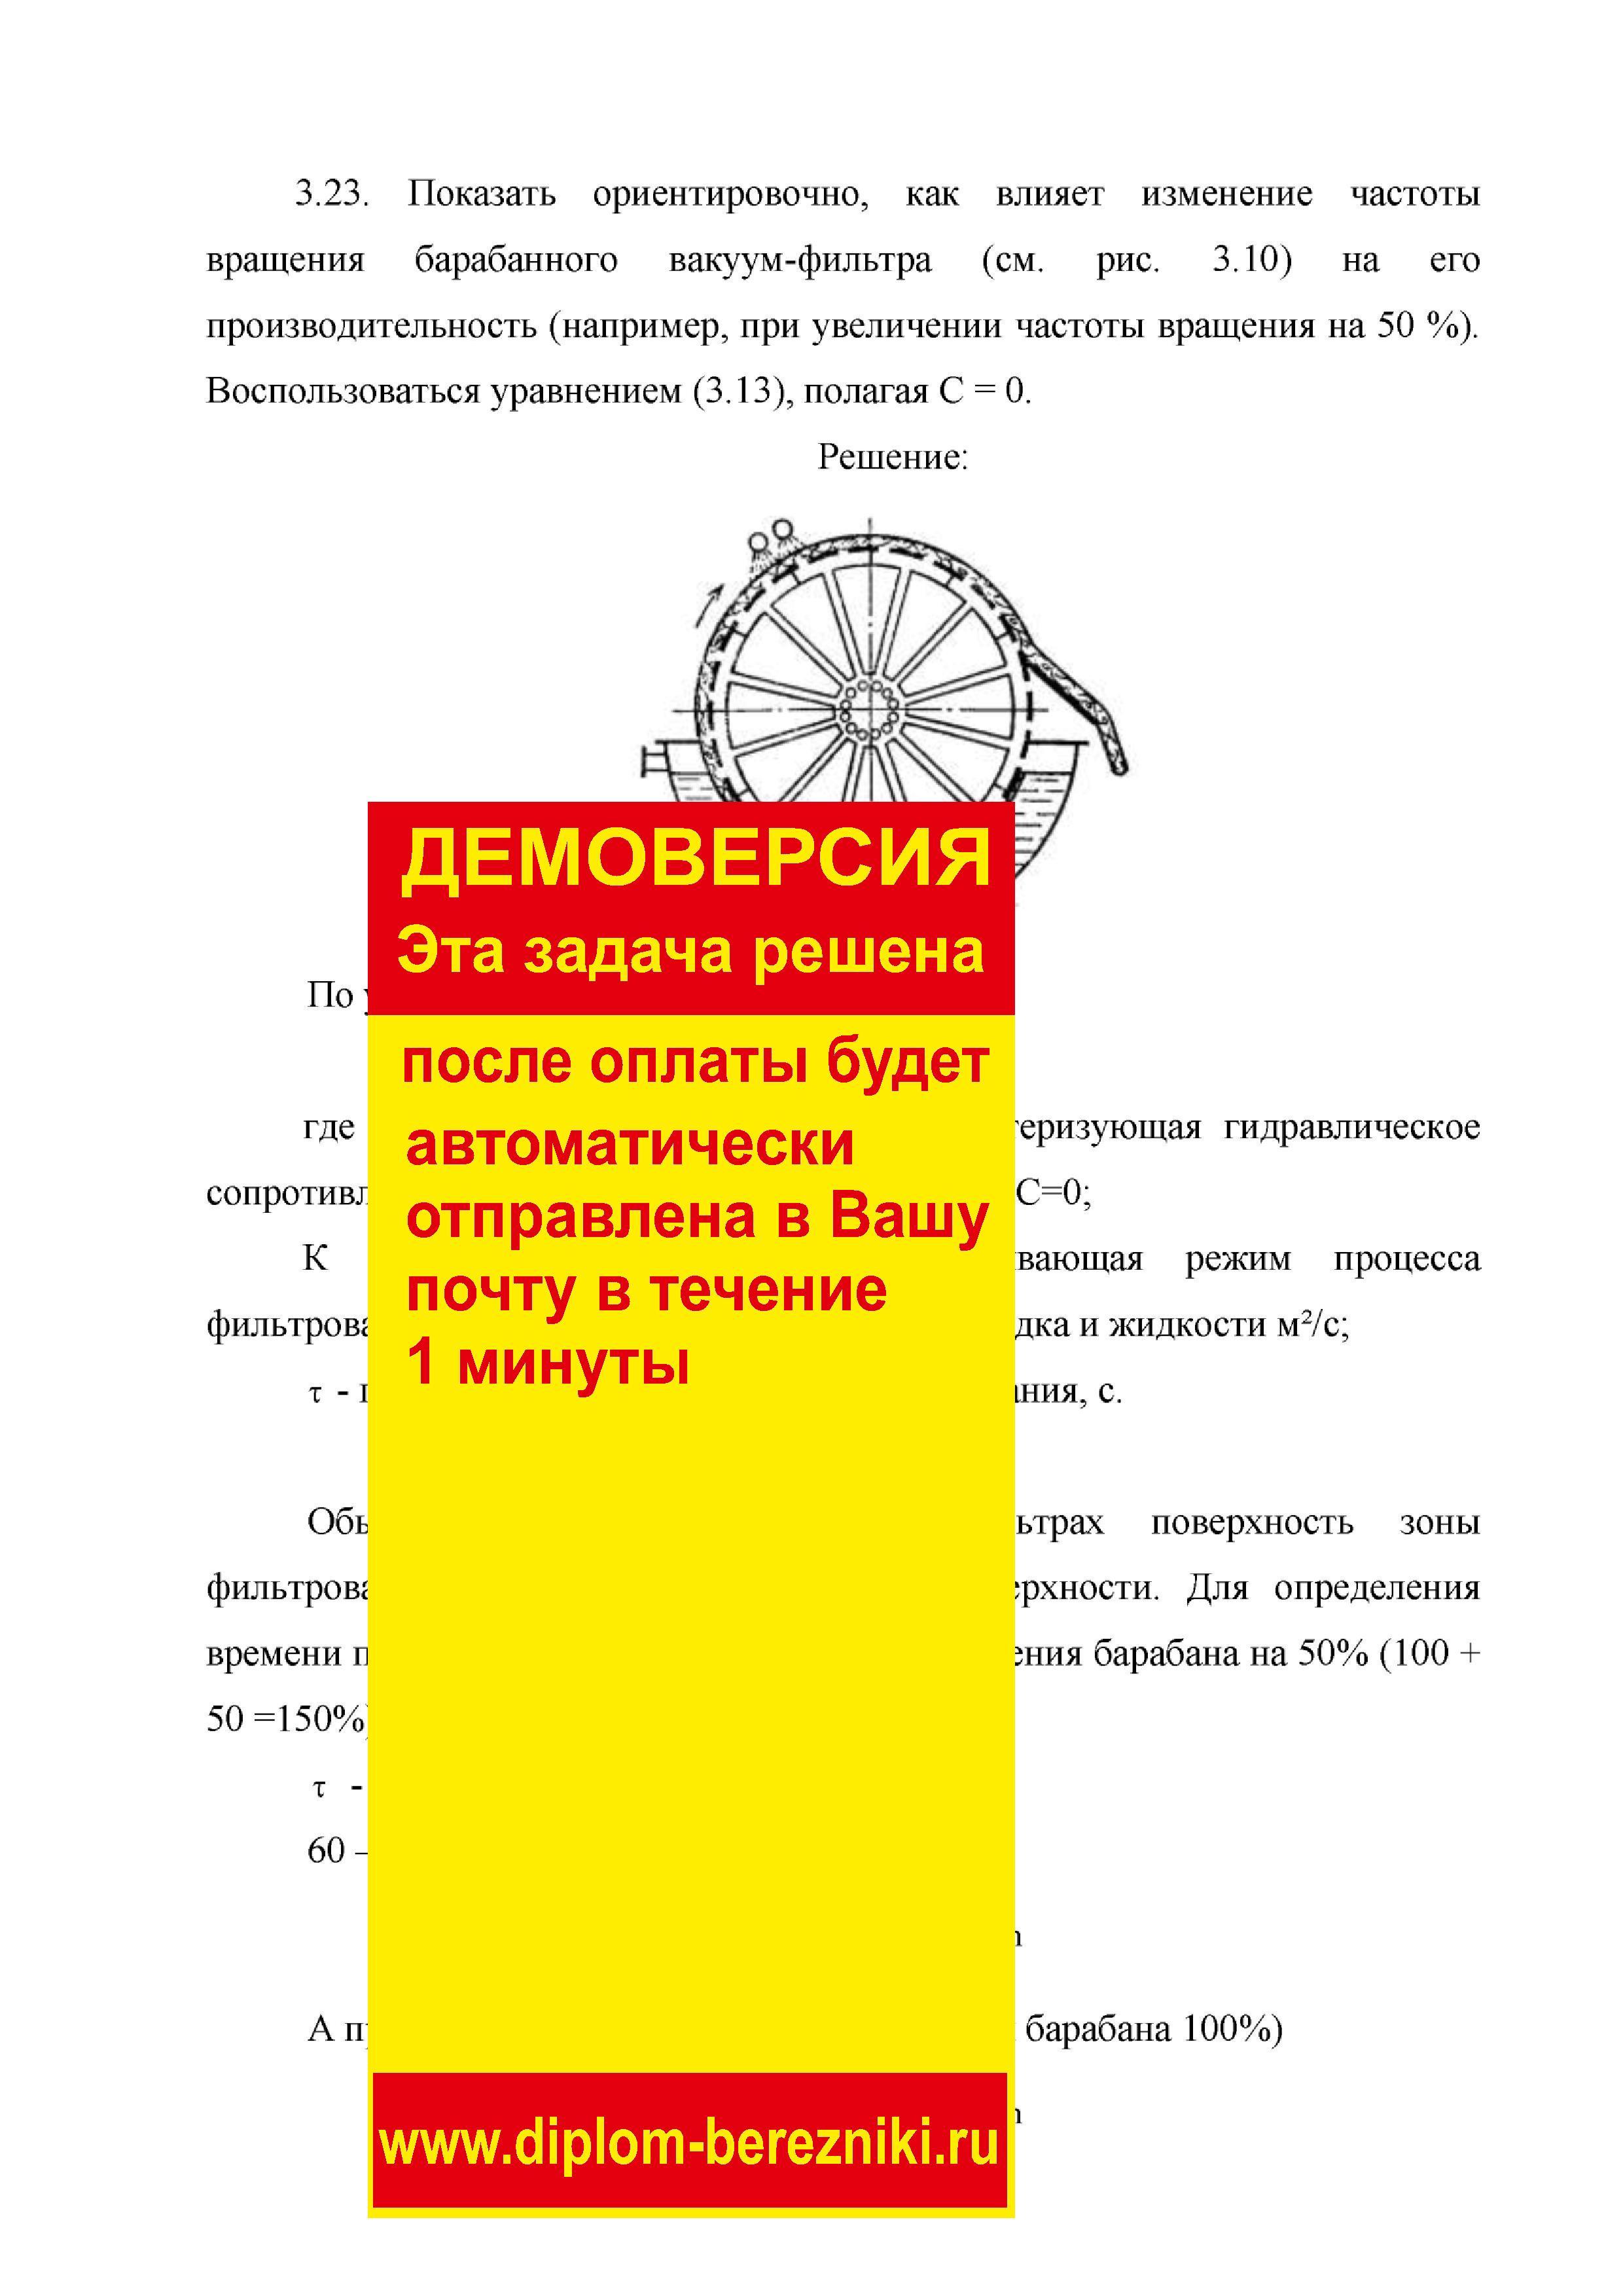 Решение задачи 3.23 по ПАХТ из задачника Павлова Романкова Носкова